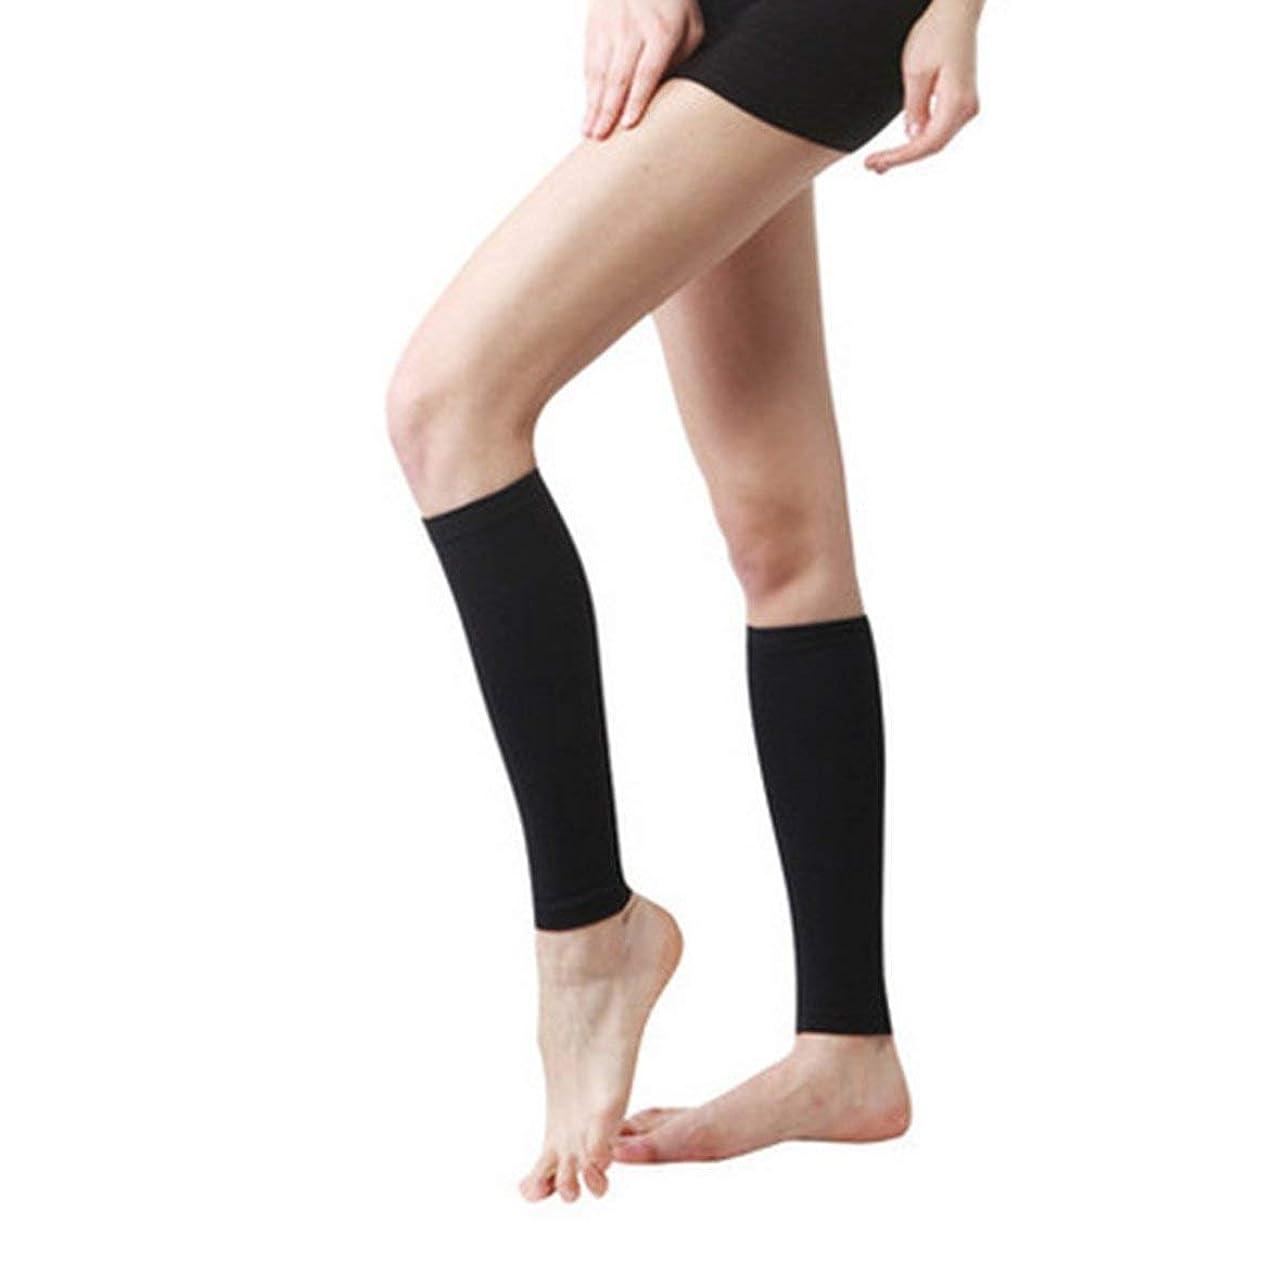 天文学春誇り丈夫な男性女性プロの圧縮靴下通気性のある旅行活動看護師用シンススプリントフライトトラベル - ブラック